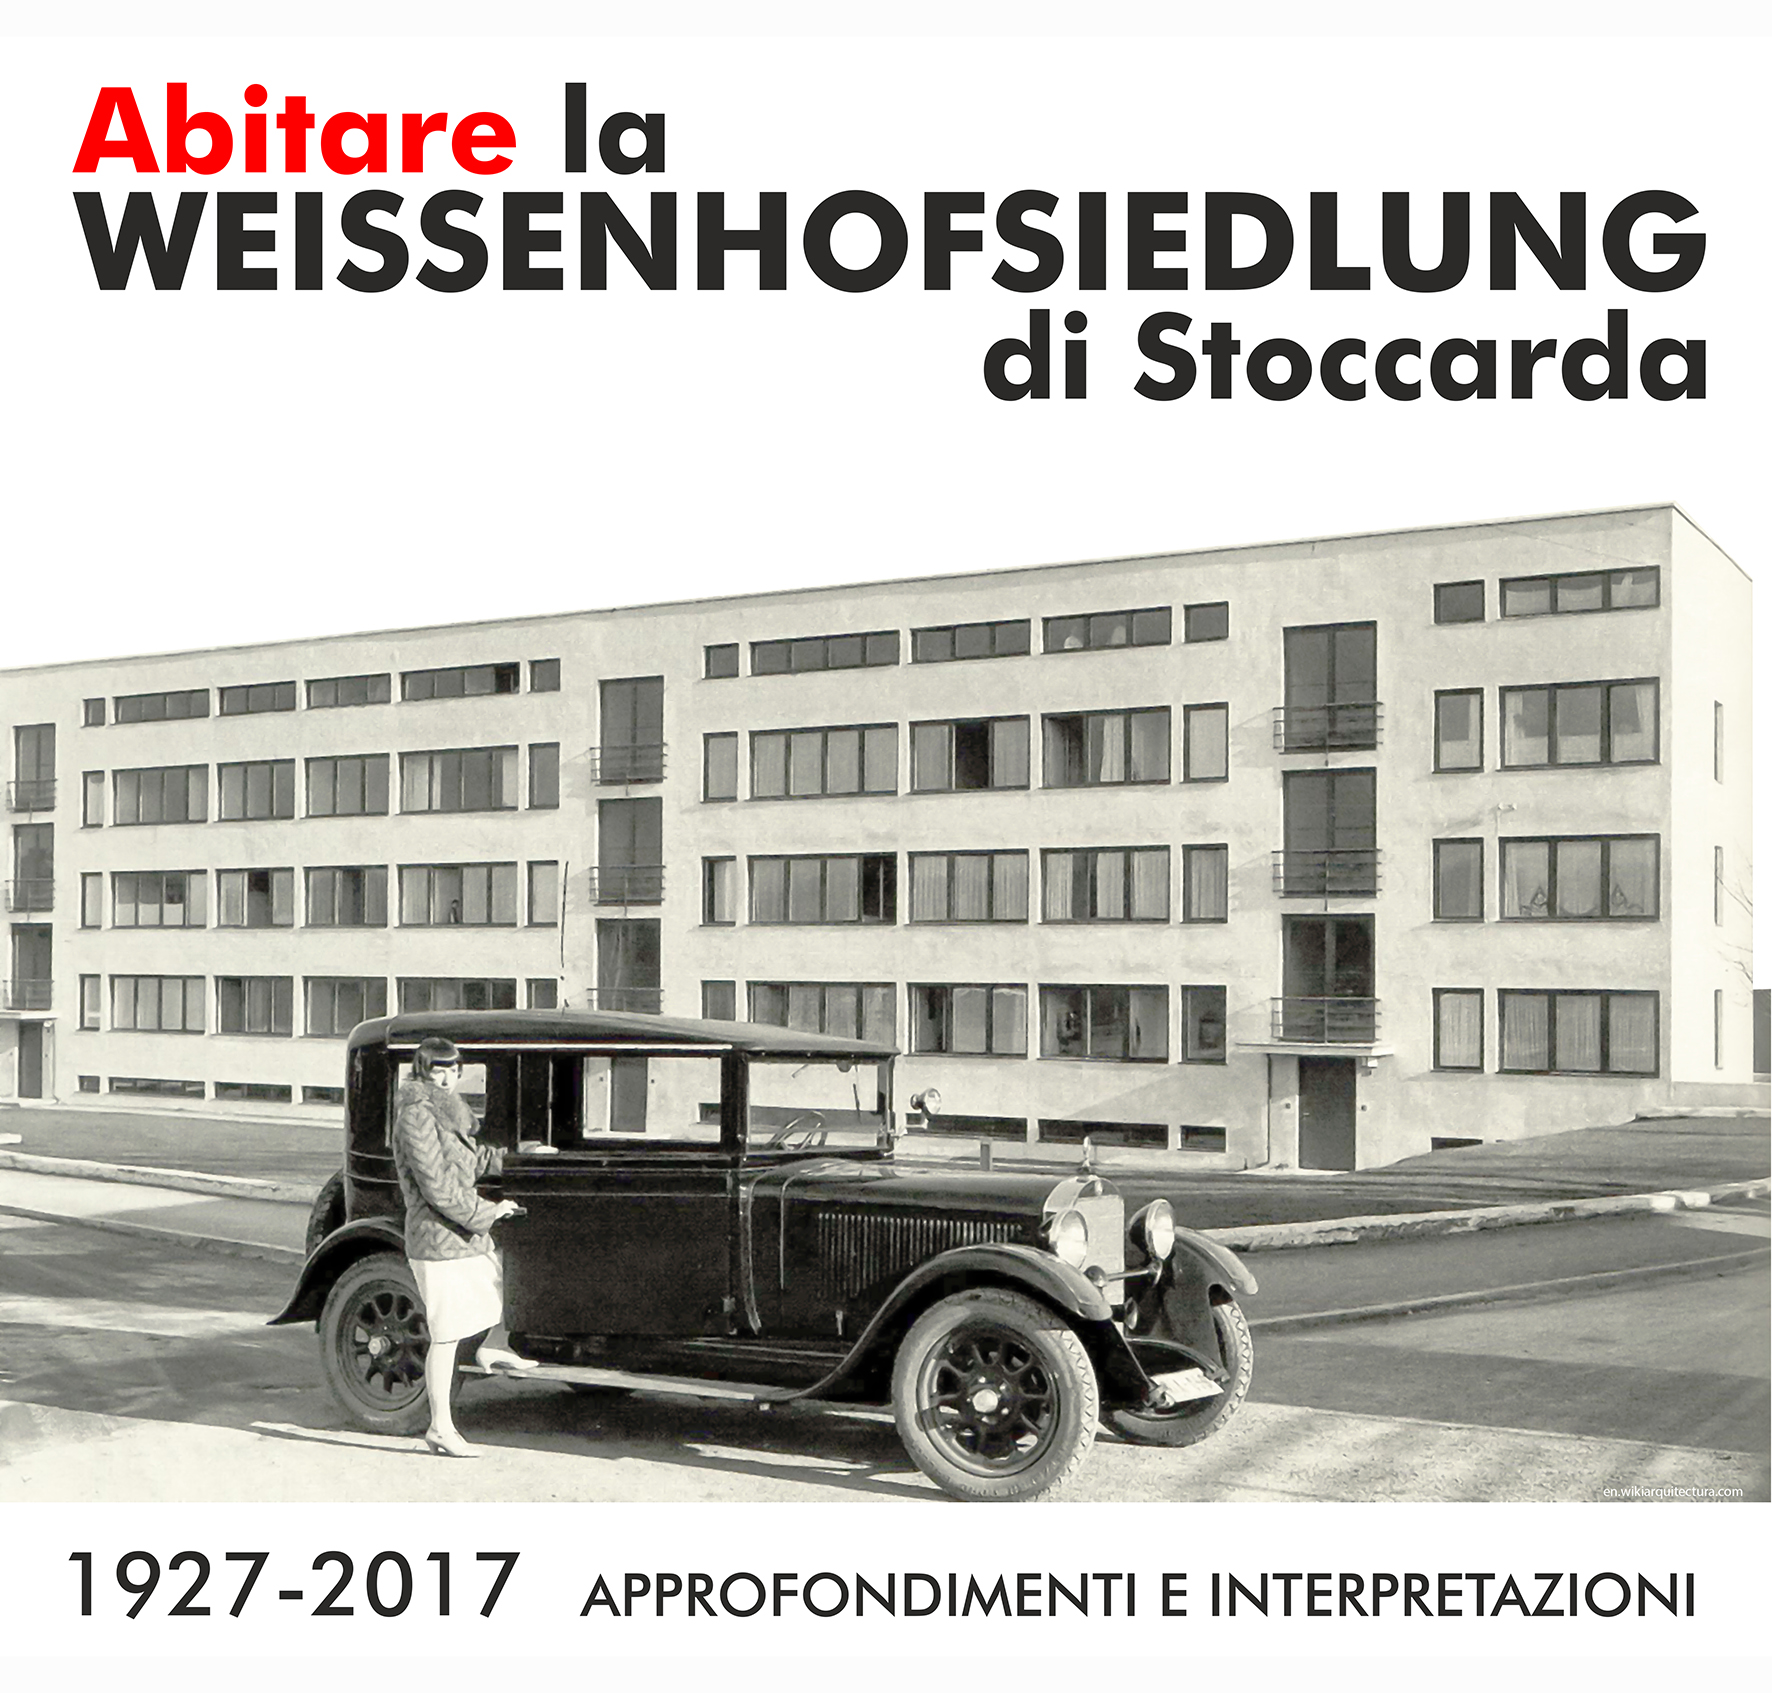 Abitare la Weissenhofsiedlung di Stoccarda 1927-2017. Approfondimenti e interpretazioni